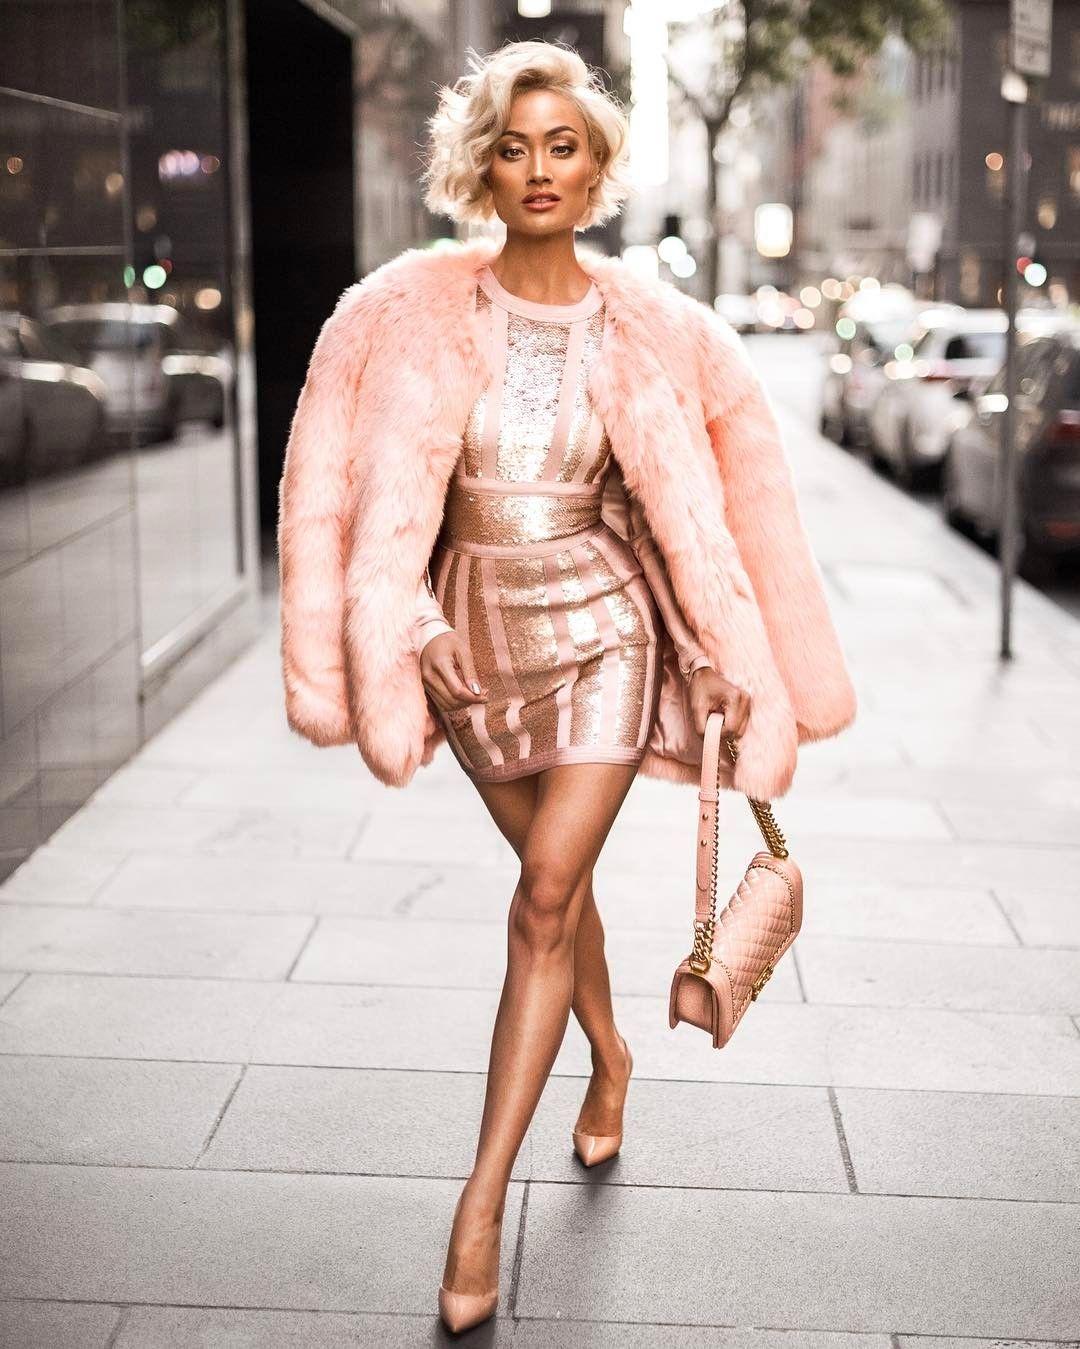 SlickerThanYourAverage Fashion Blogger Westfield Style Ambassador Australia + International | jesse@micahgianneli.com | Горячие наряды, Новые образы, Наряды